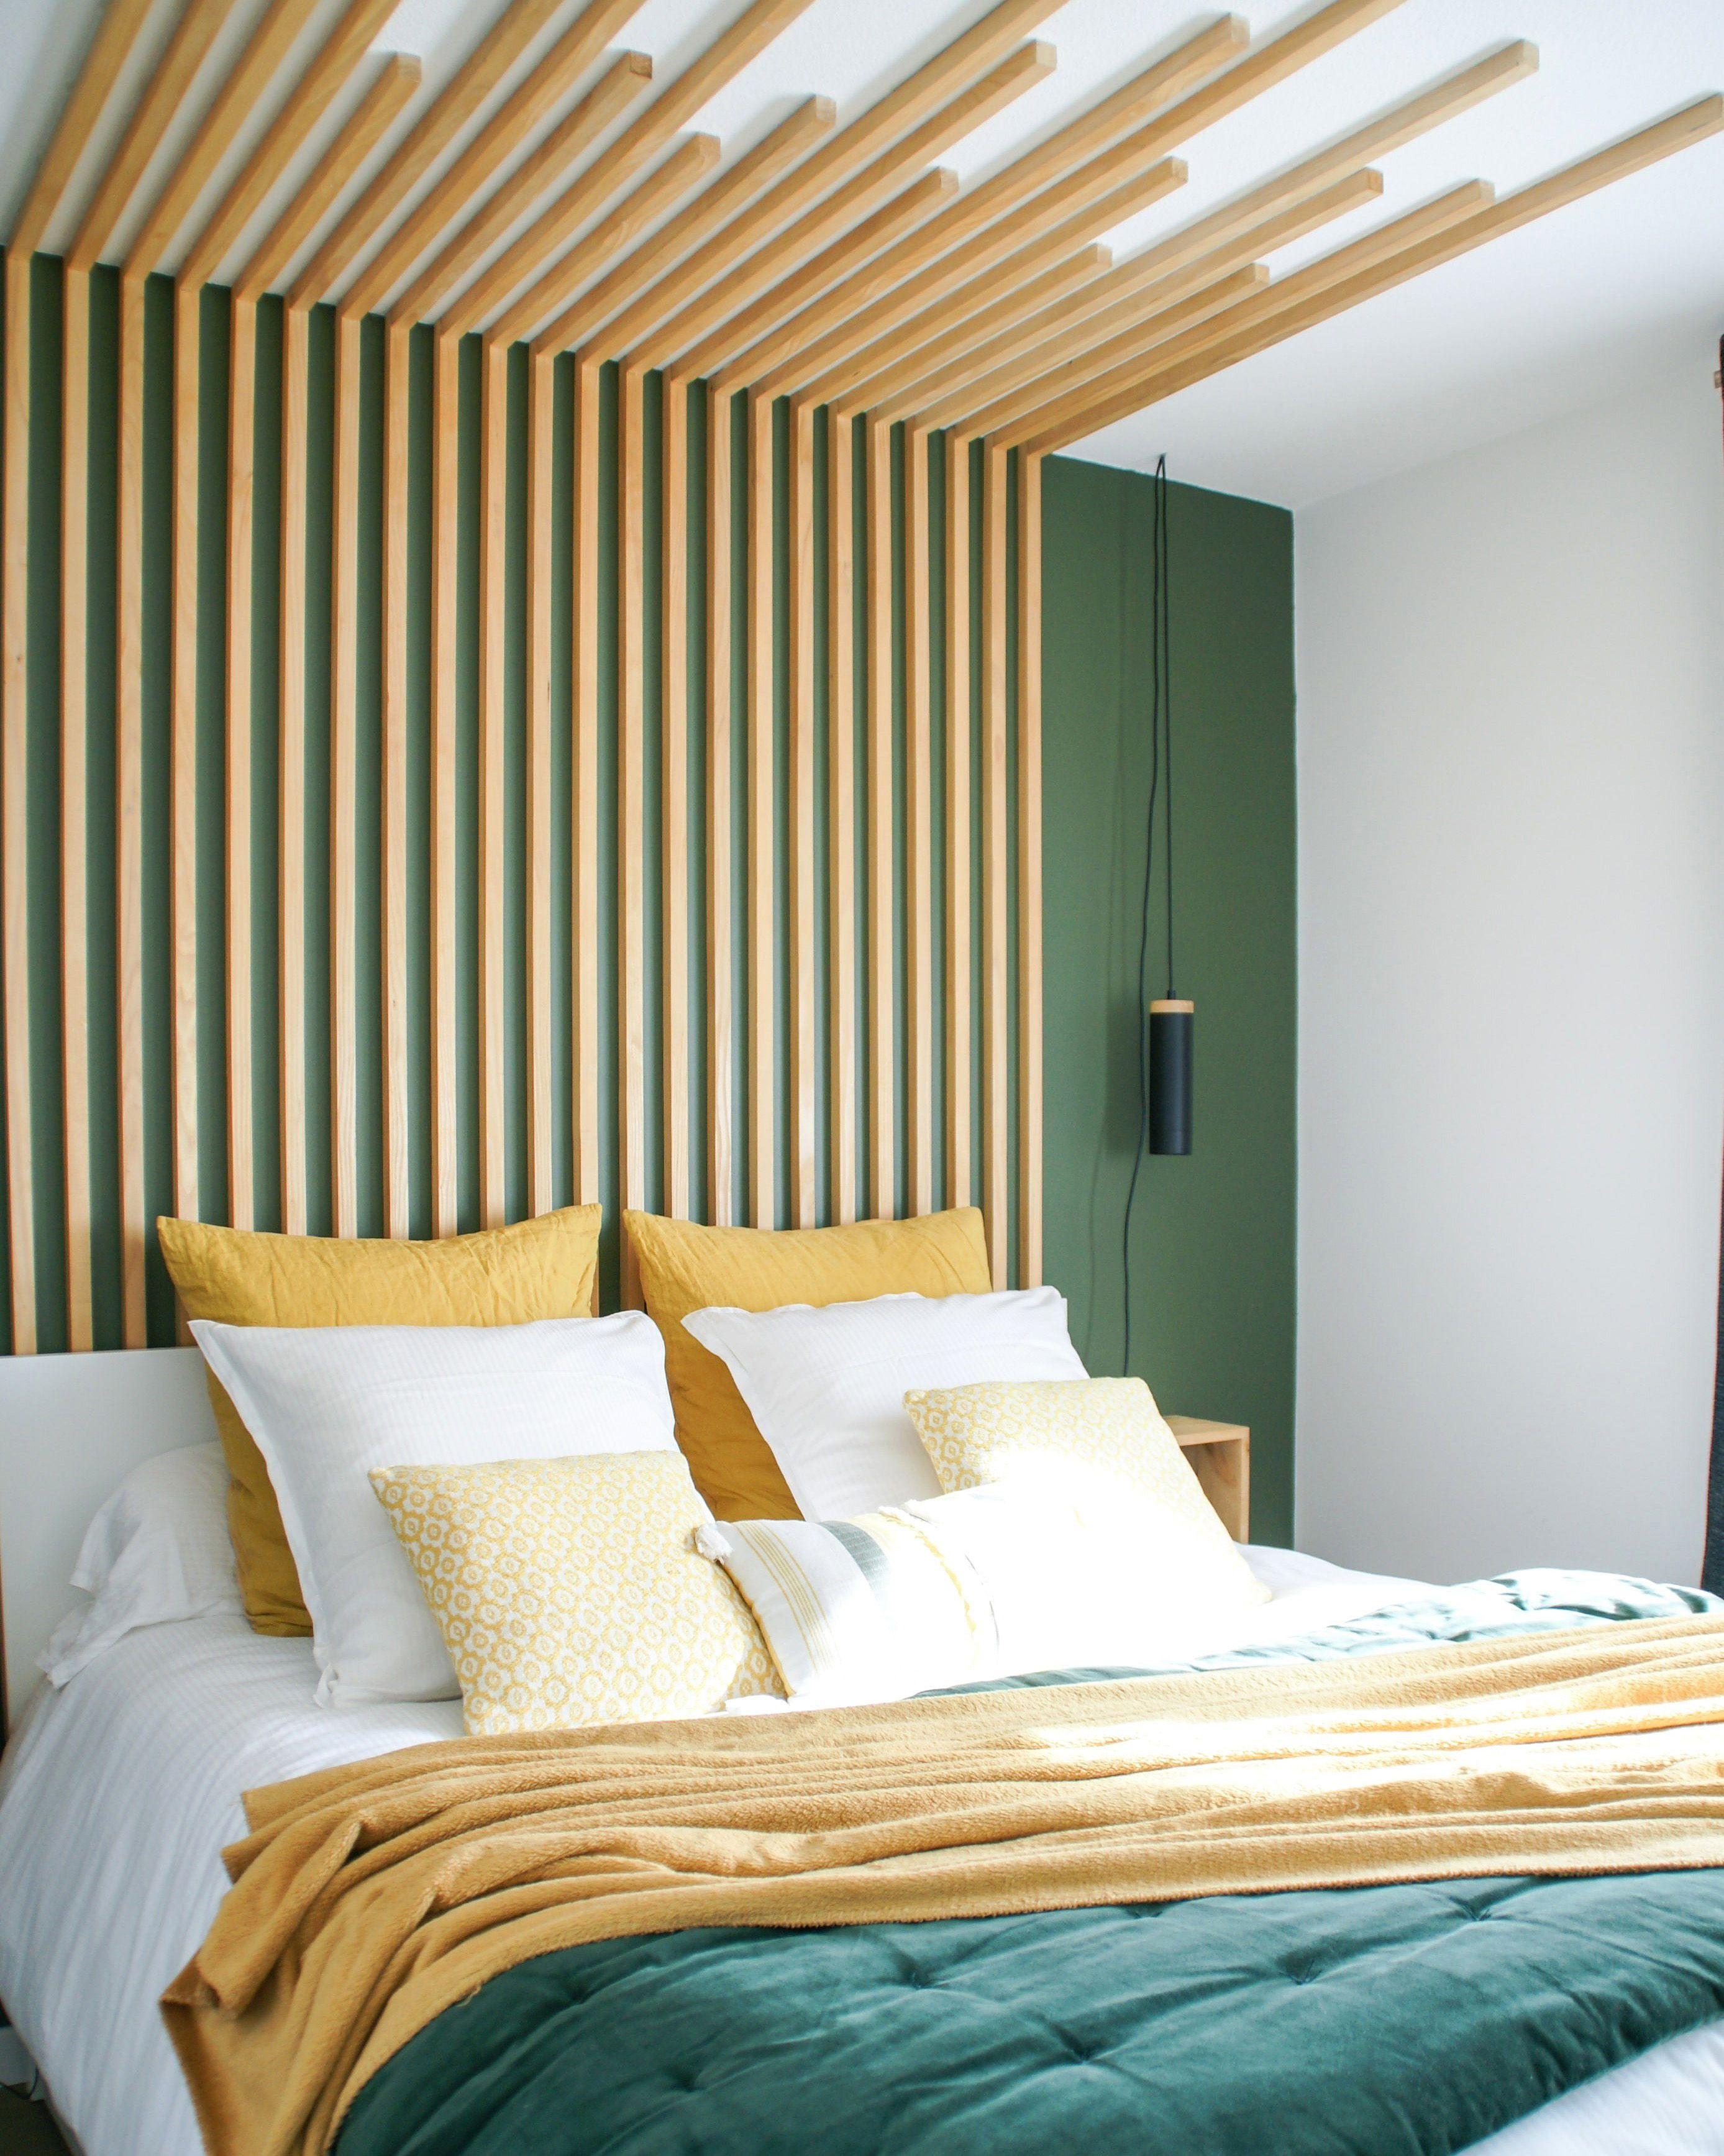 Chambre Parentale Tete De Lit Diy Tasseaux En 2020 Chambre Parentale Design Decoration Chambre Parentale Deco Chambre Parental